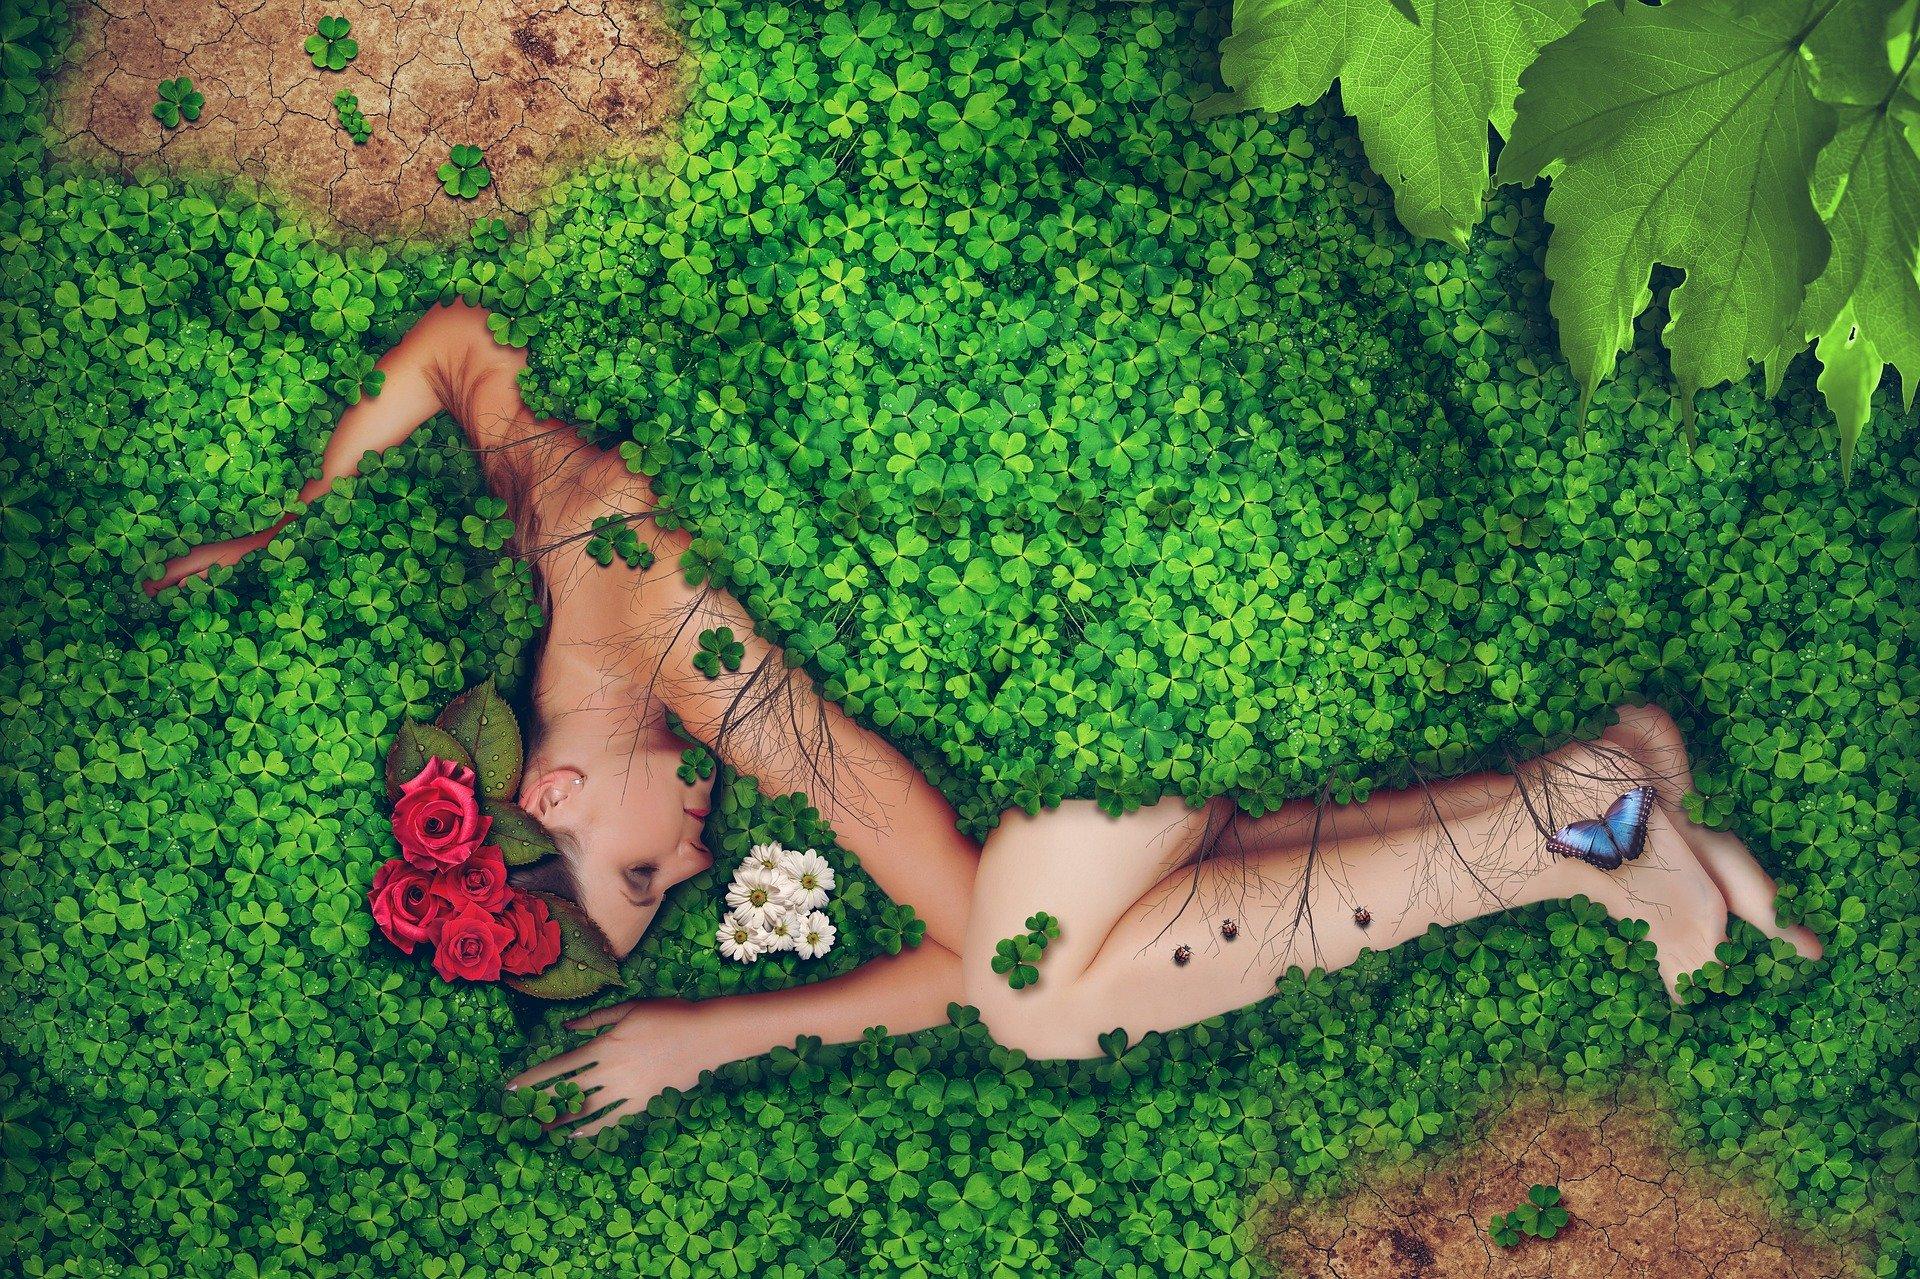 femme et nature